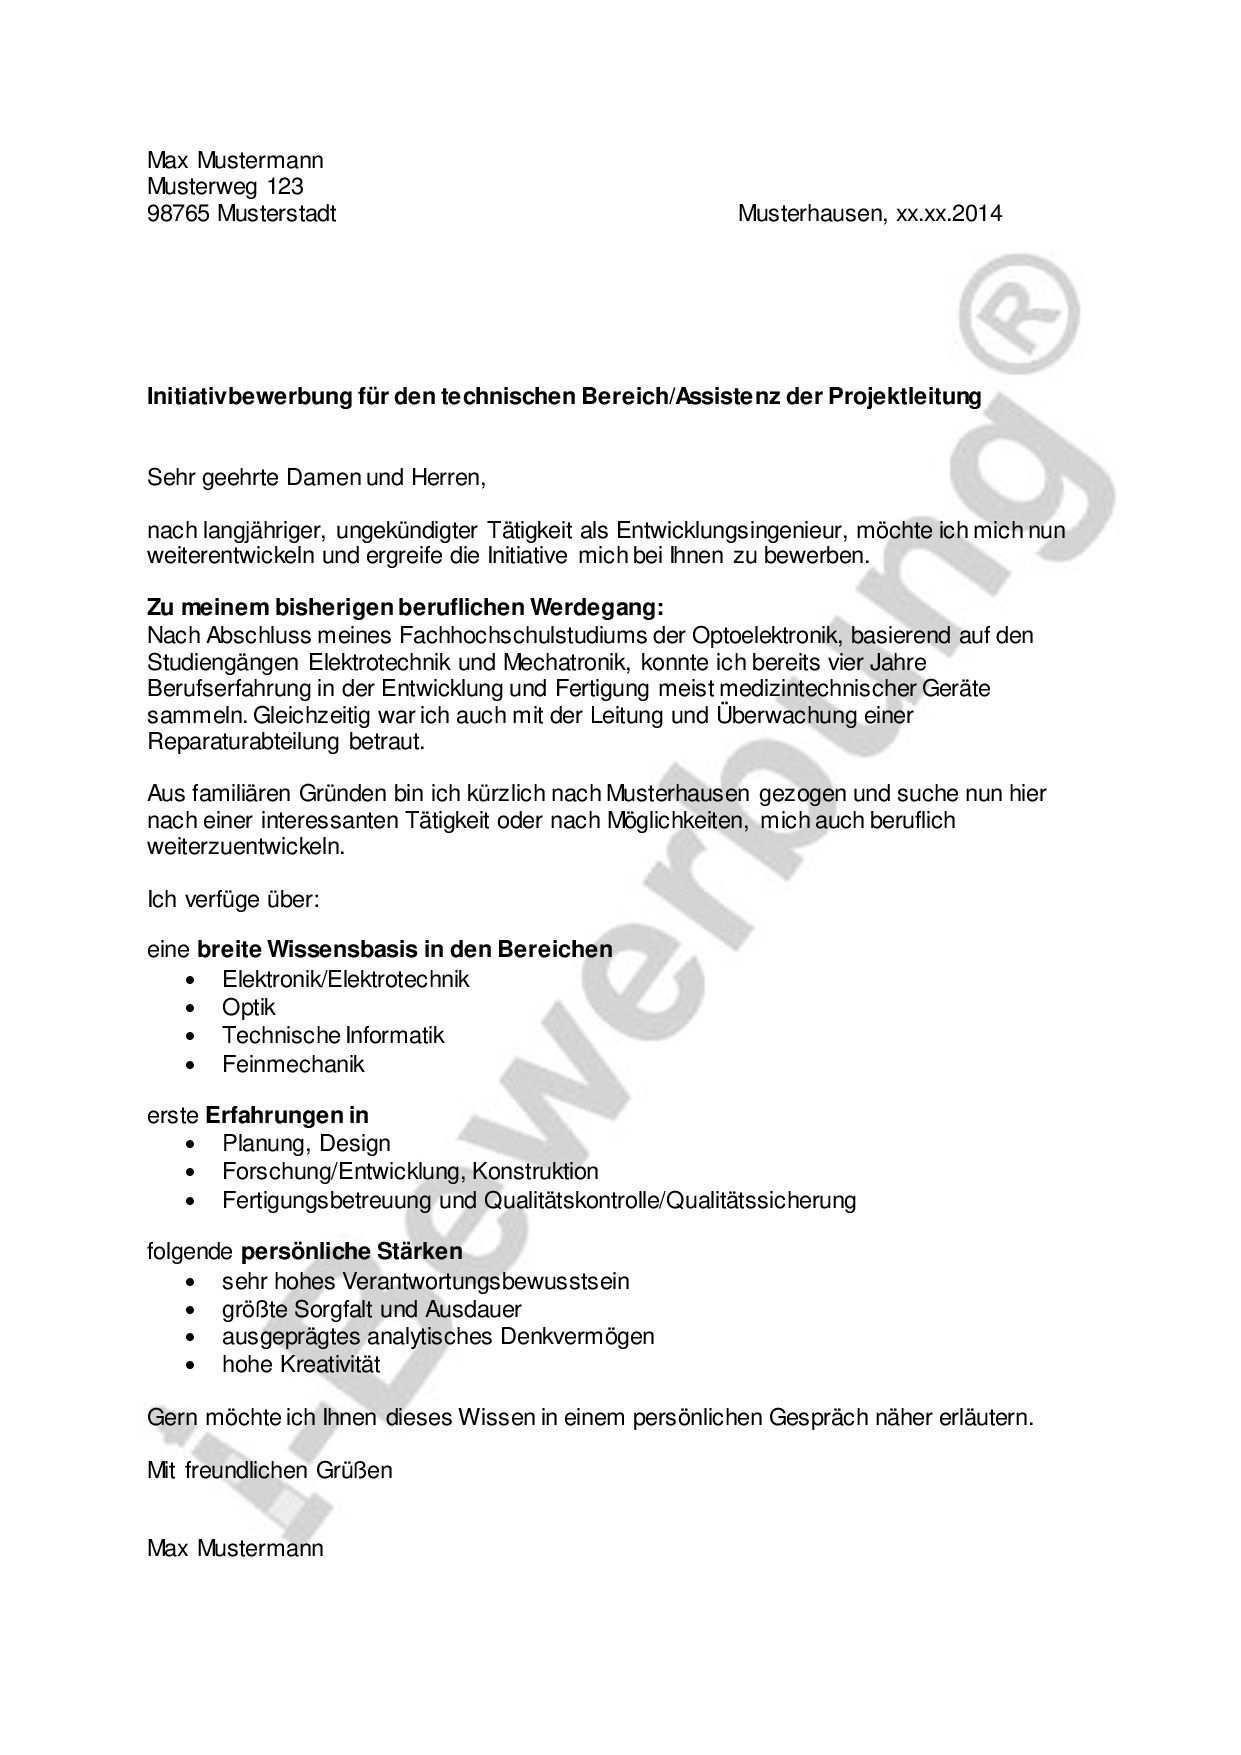 Initiativbewerbung Fur Den Technischen Bereich Assistenz Der Projektleitung Bewerbung Anschreiben Bewerbung Beruflicher Werdegang